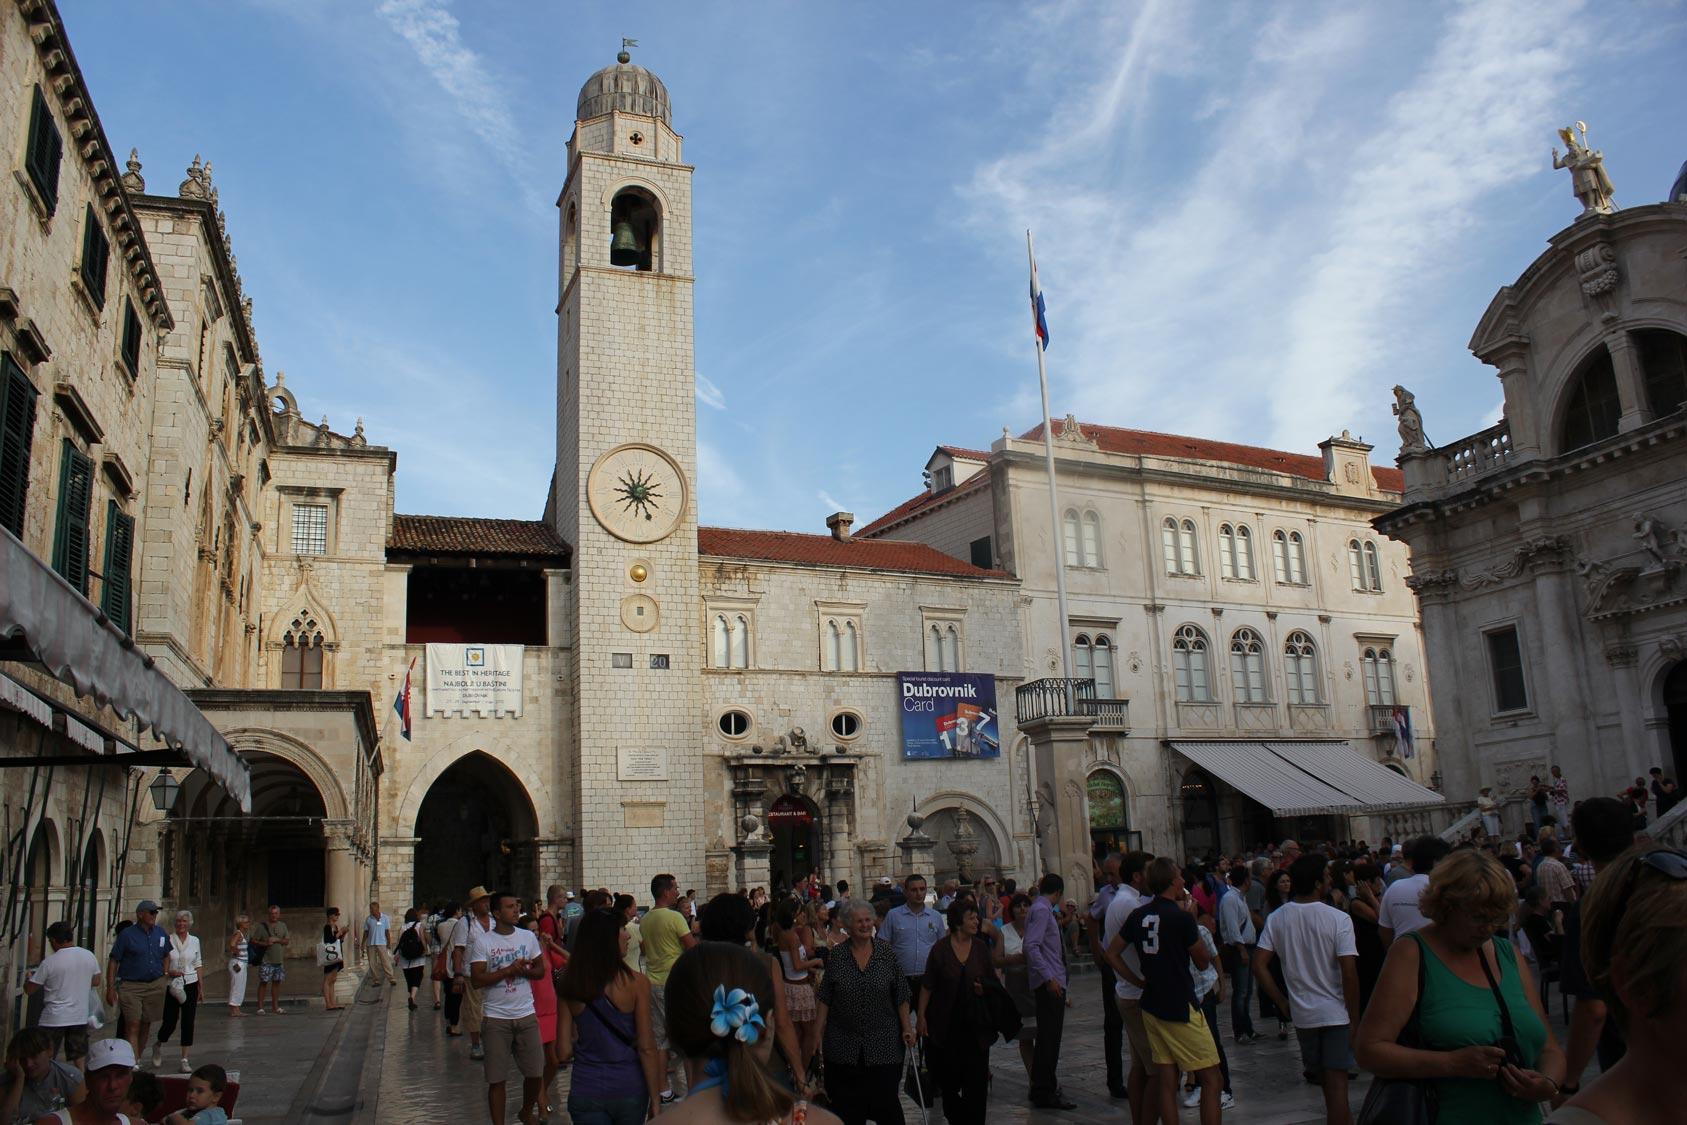 Городская колокольня на улице Страдун